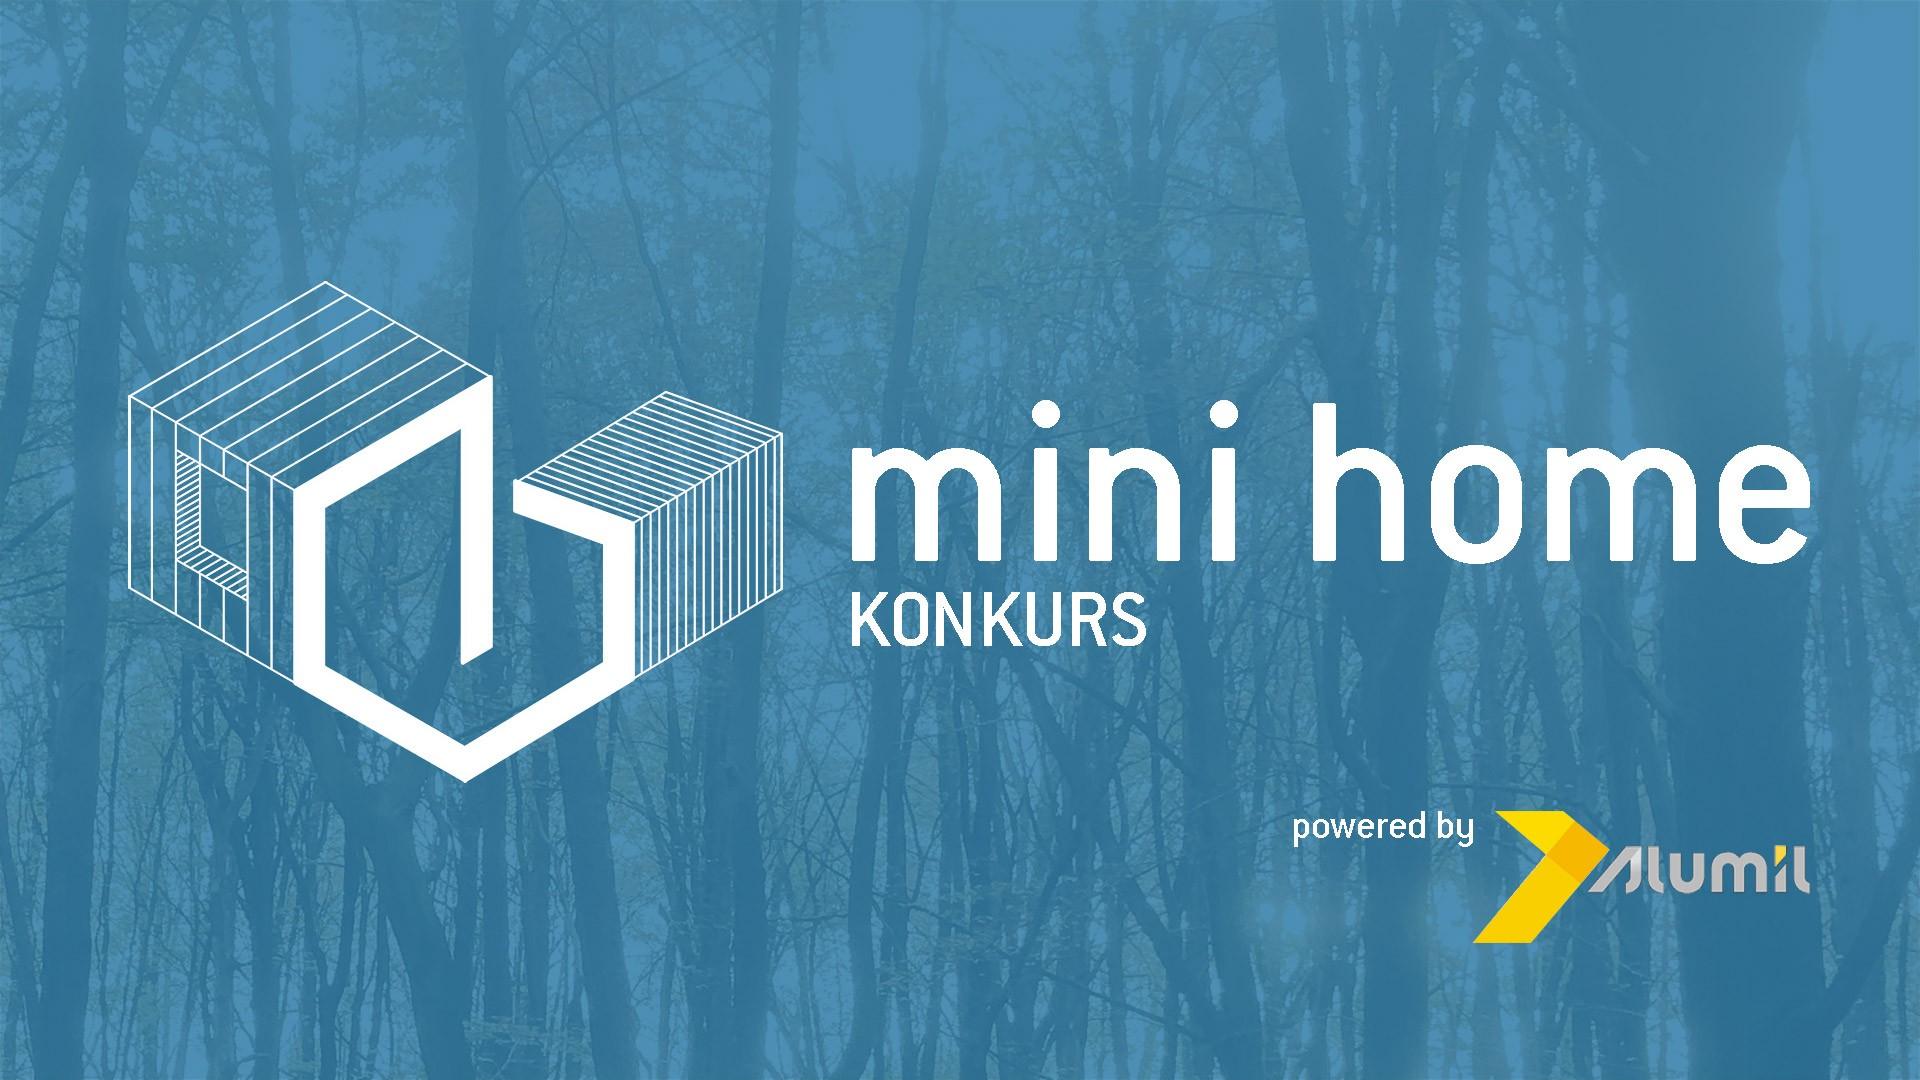 Konkurs: Mala montažna kuća u prirodi